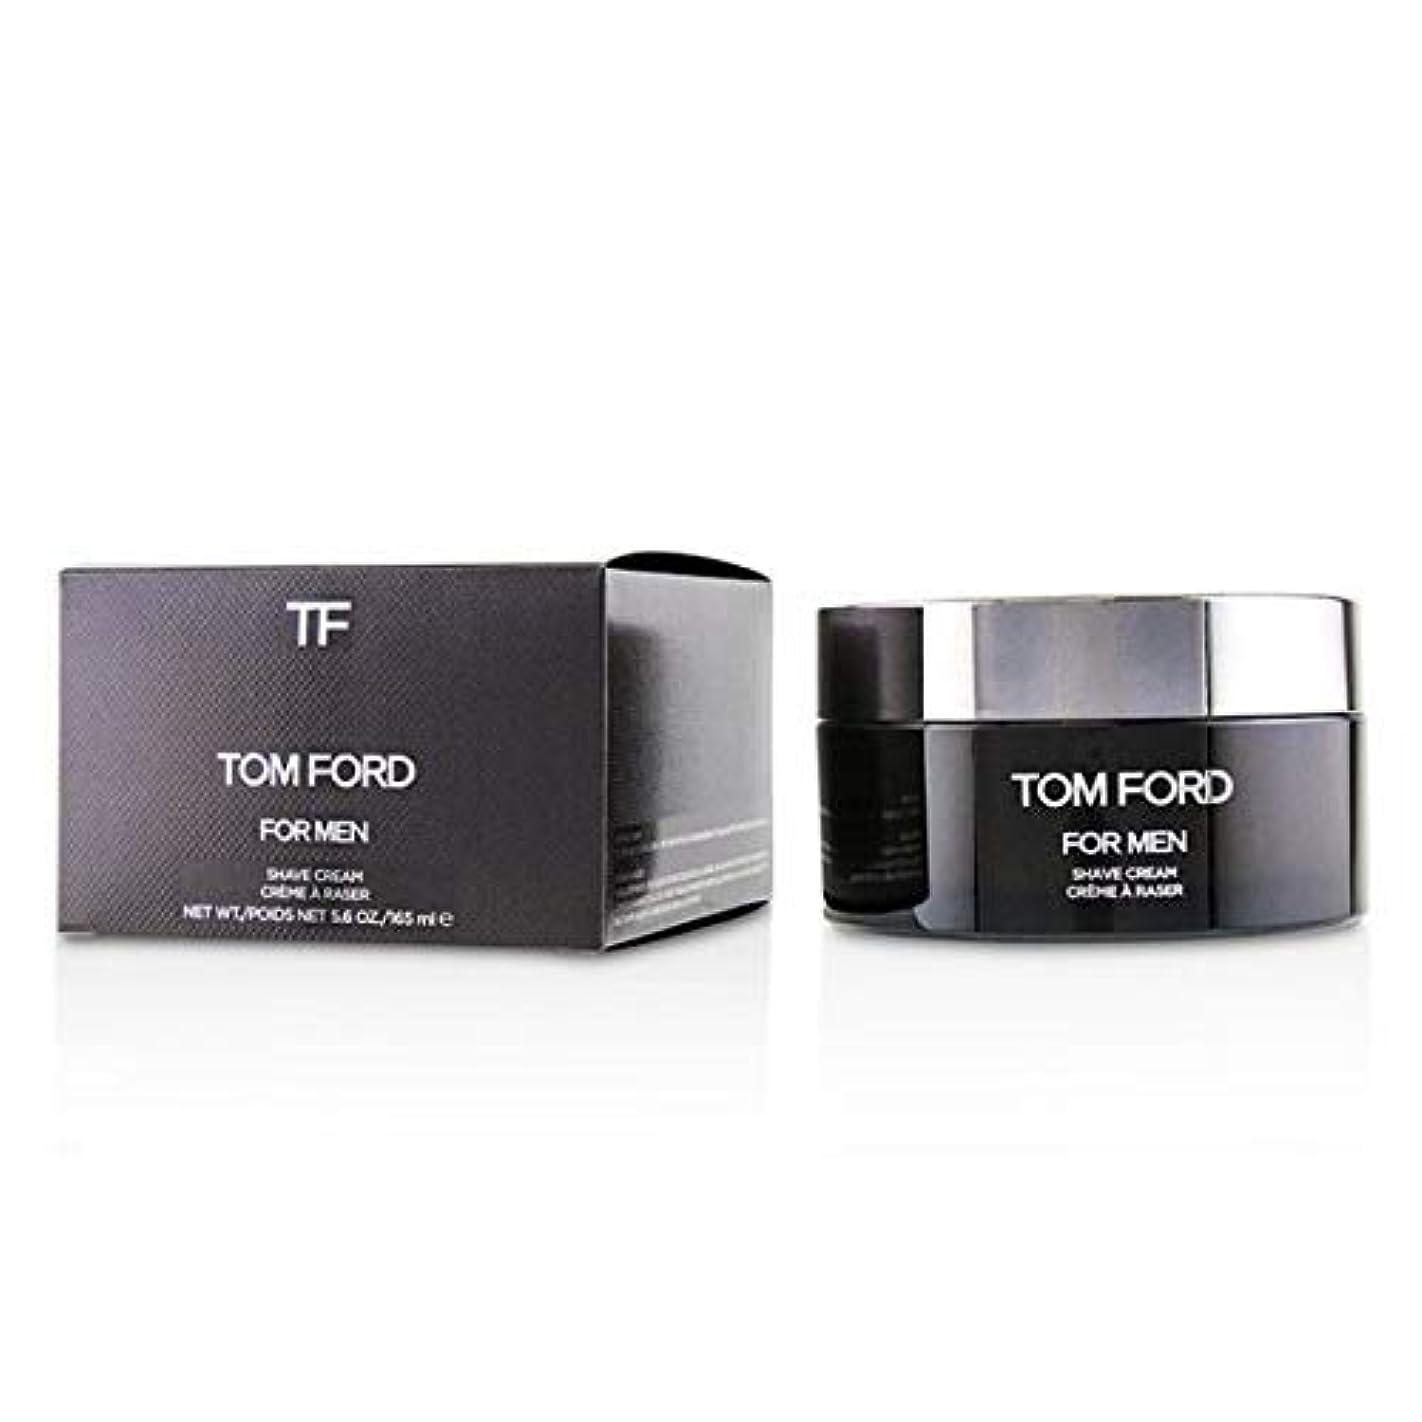 音節エール独占Tom Ford for Men Shave Cream Made in Belgium 165ml / トムフォードメンズフォーシェーブクリームベルギー製165ml